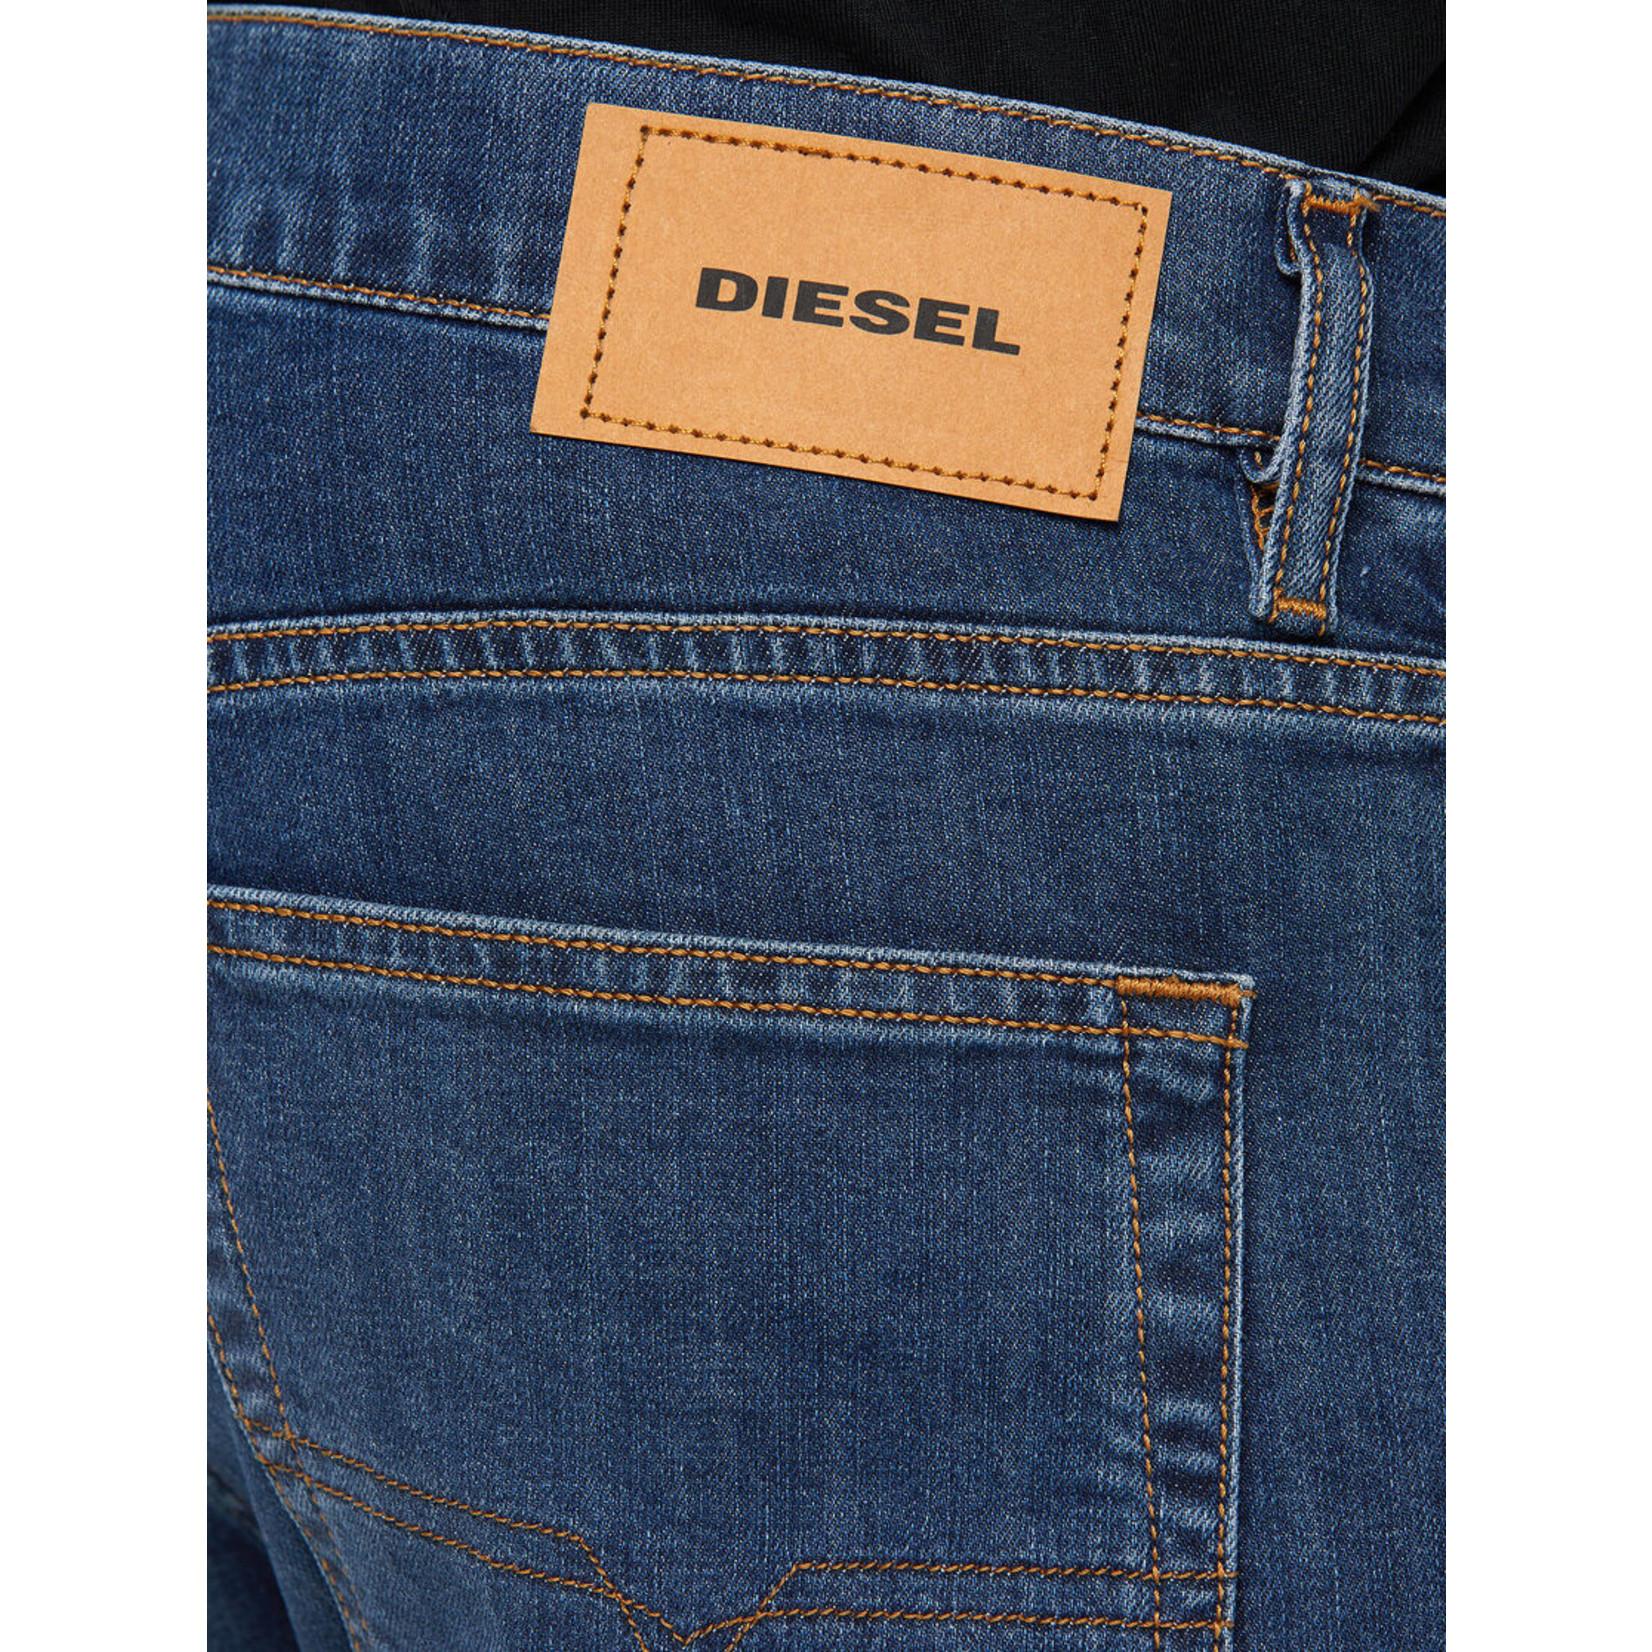 DIESEL DIESEL JEANS D-LUSTER 009DG - MEDIUM BLUE